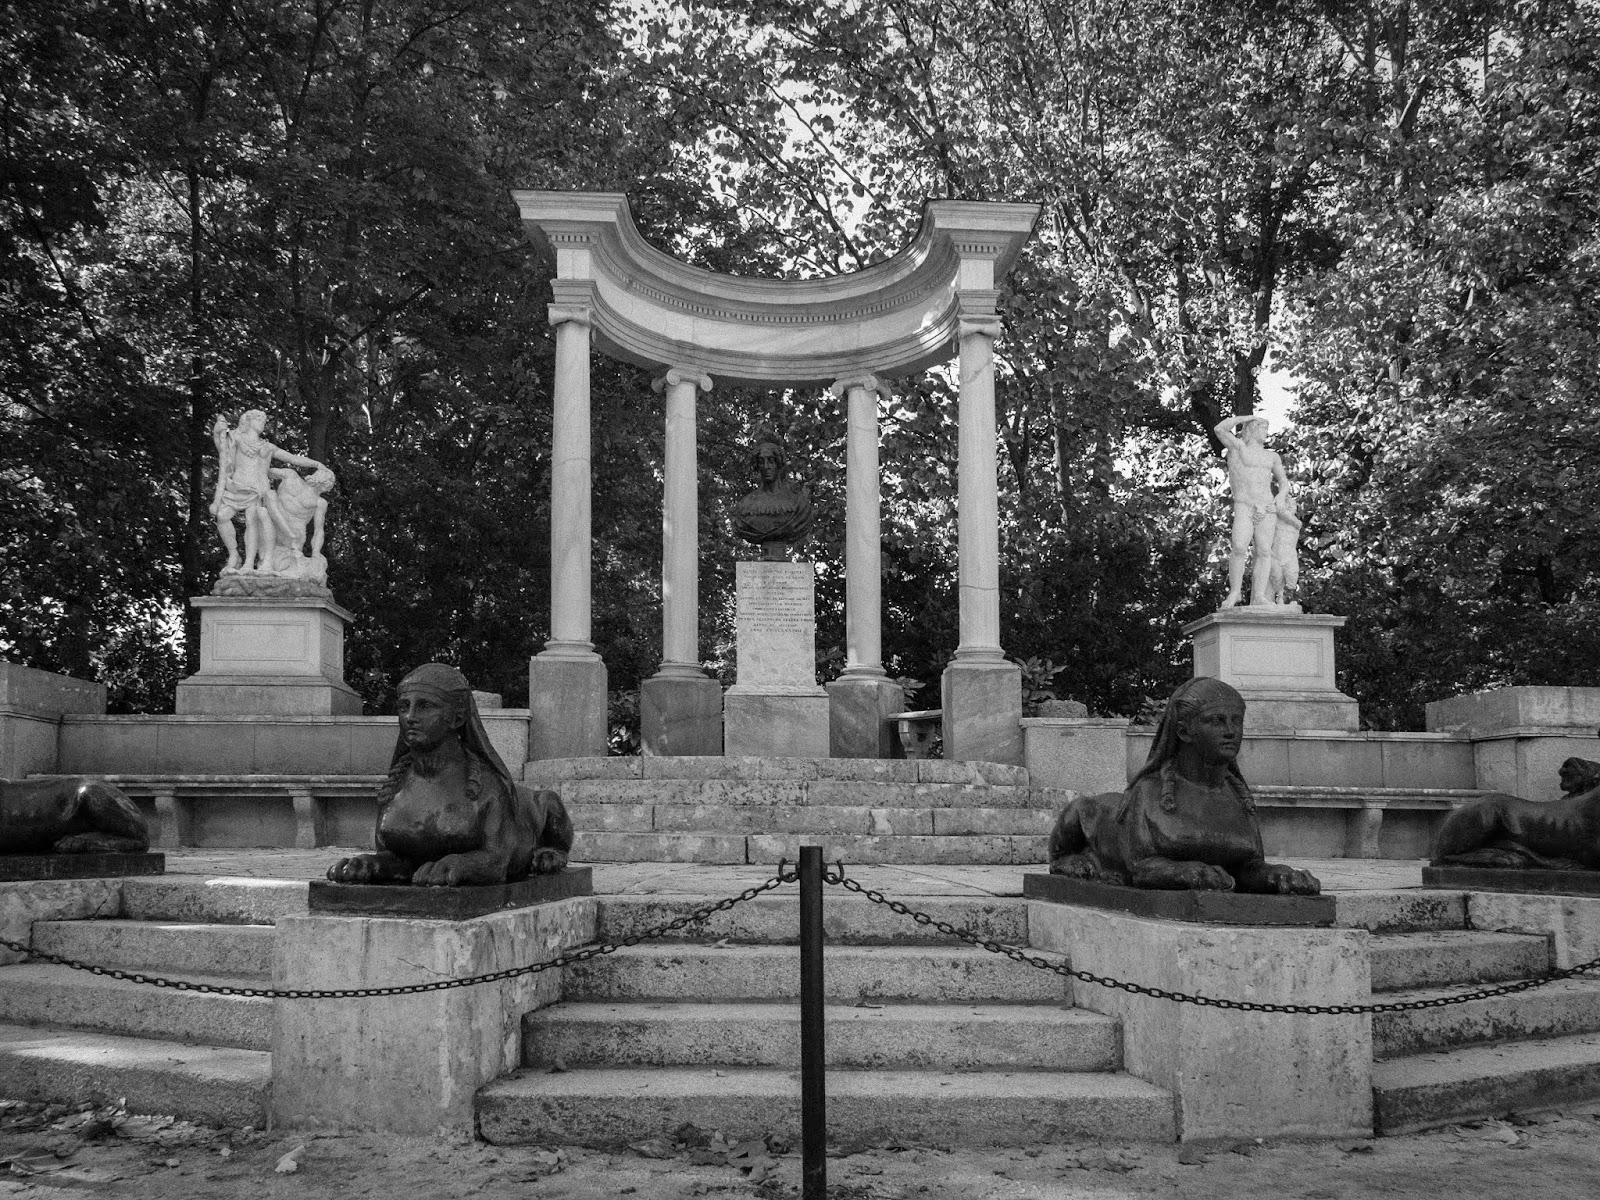 Estatua Parque del Capricho, Madrid, 2017